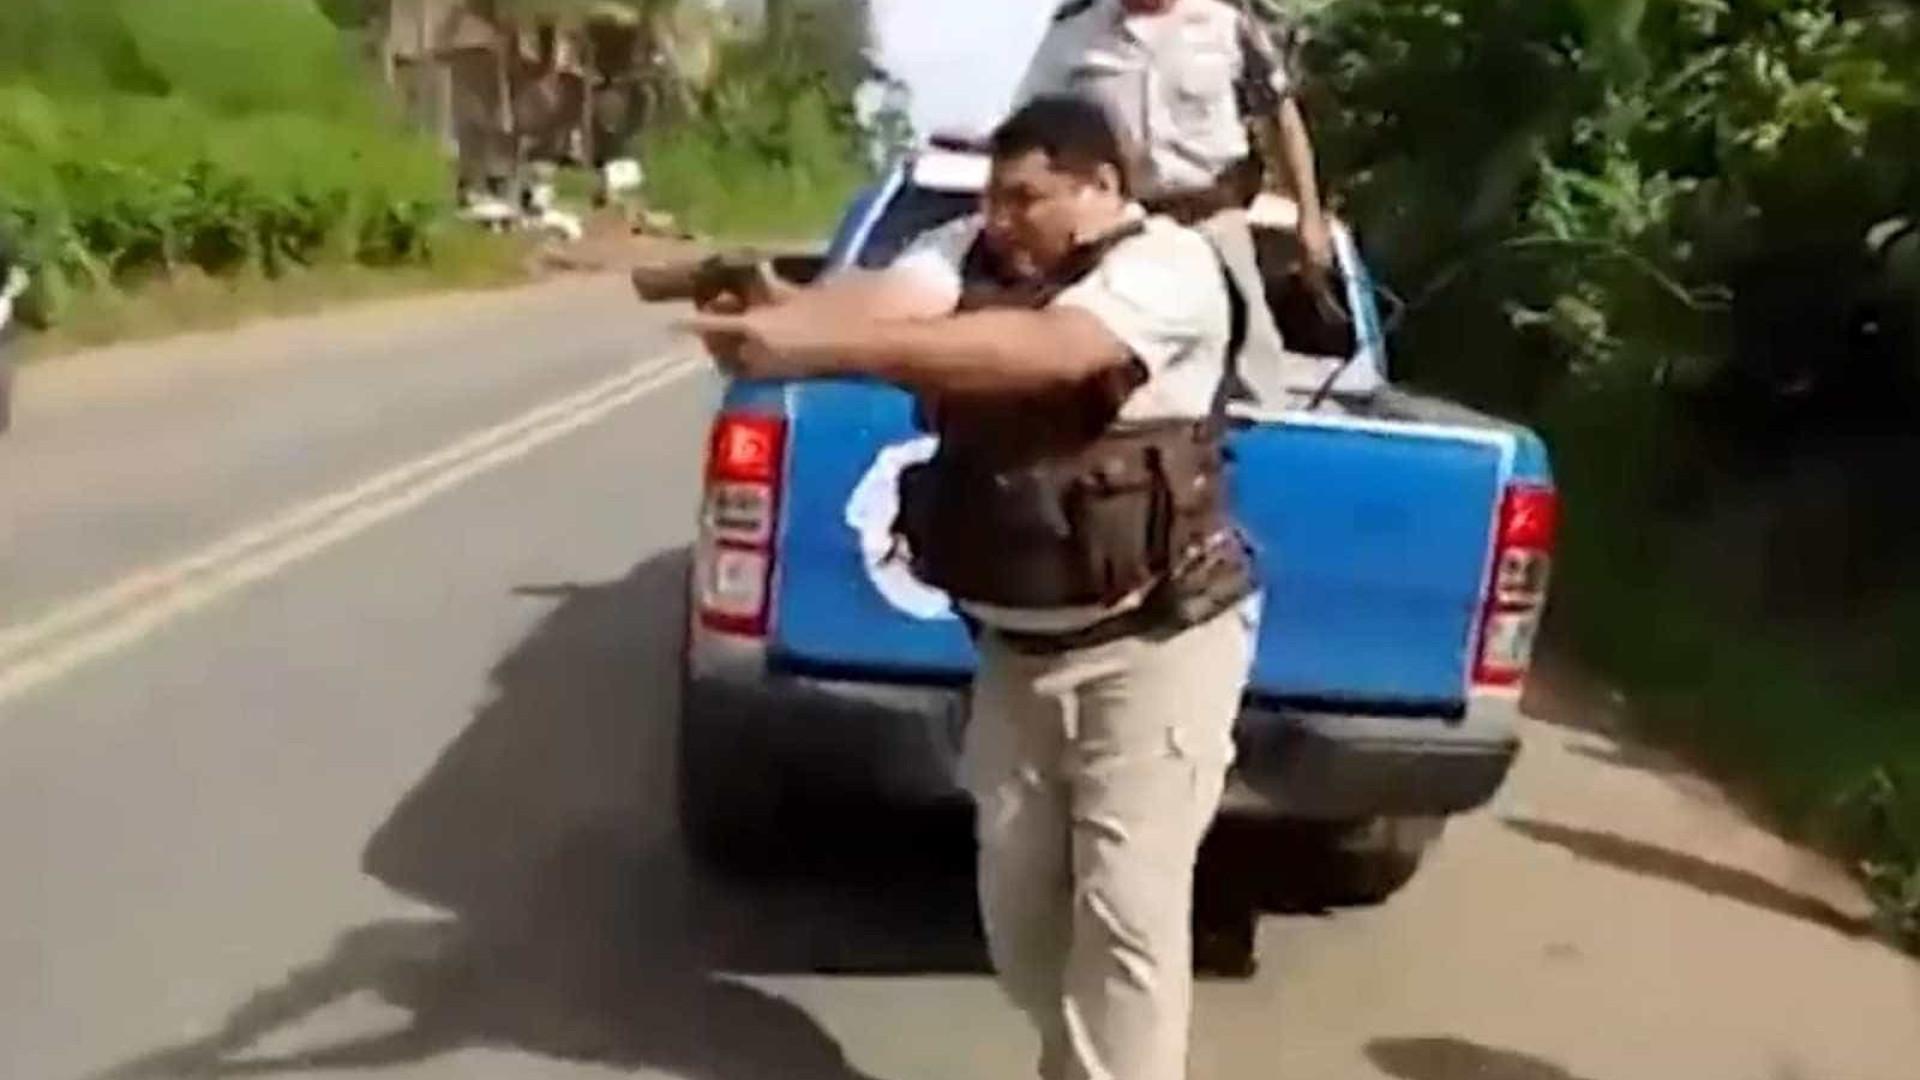 Policial atira em meio a protesto de caminhoneiros na Bahia